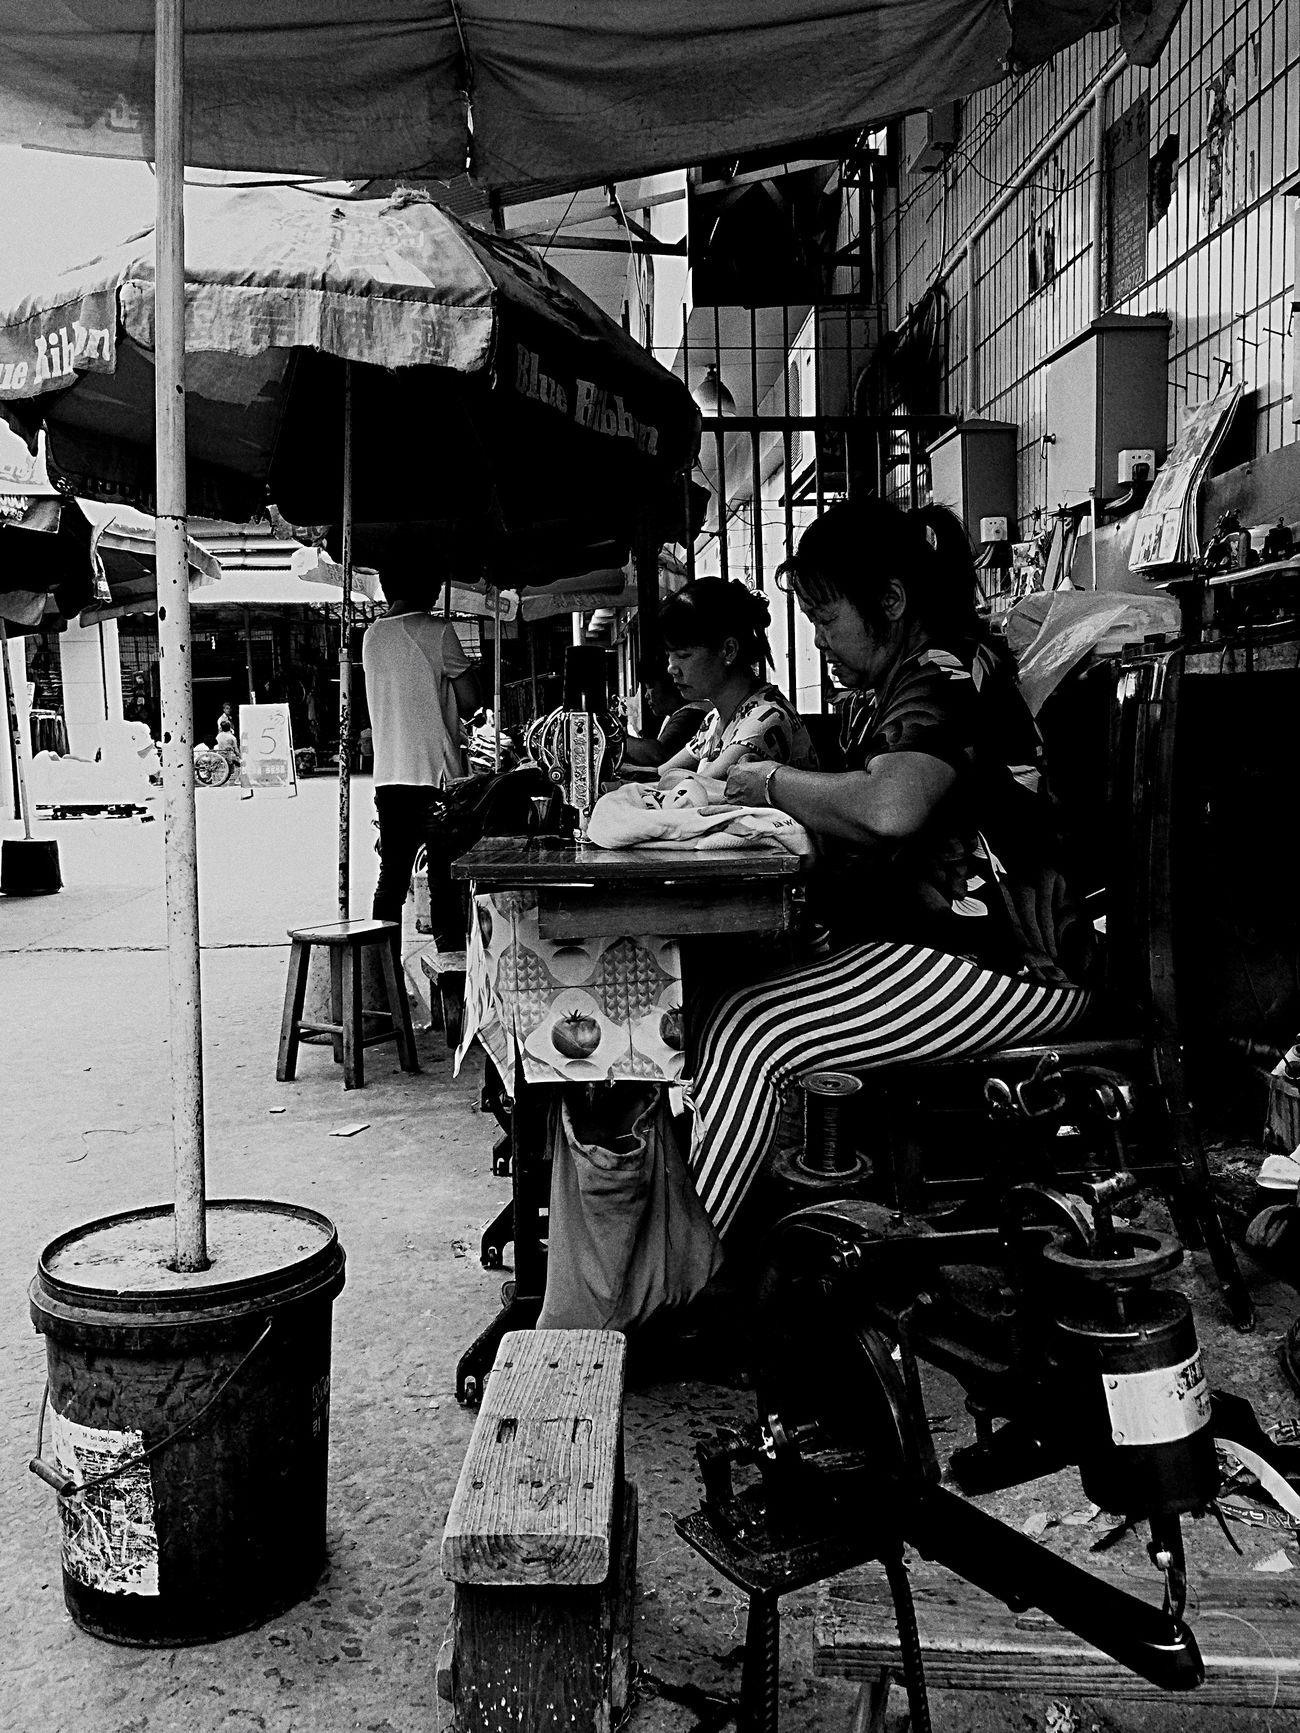 补鞋 Check This Out Taking Photos Blackandwhite Black And White Black & White Blackandwhite Photography